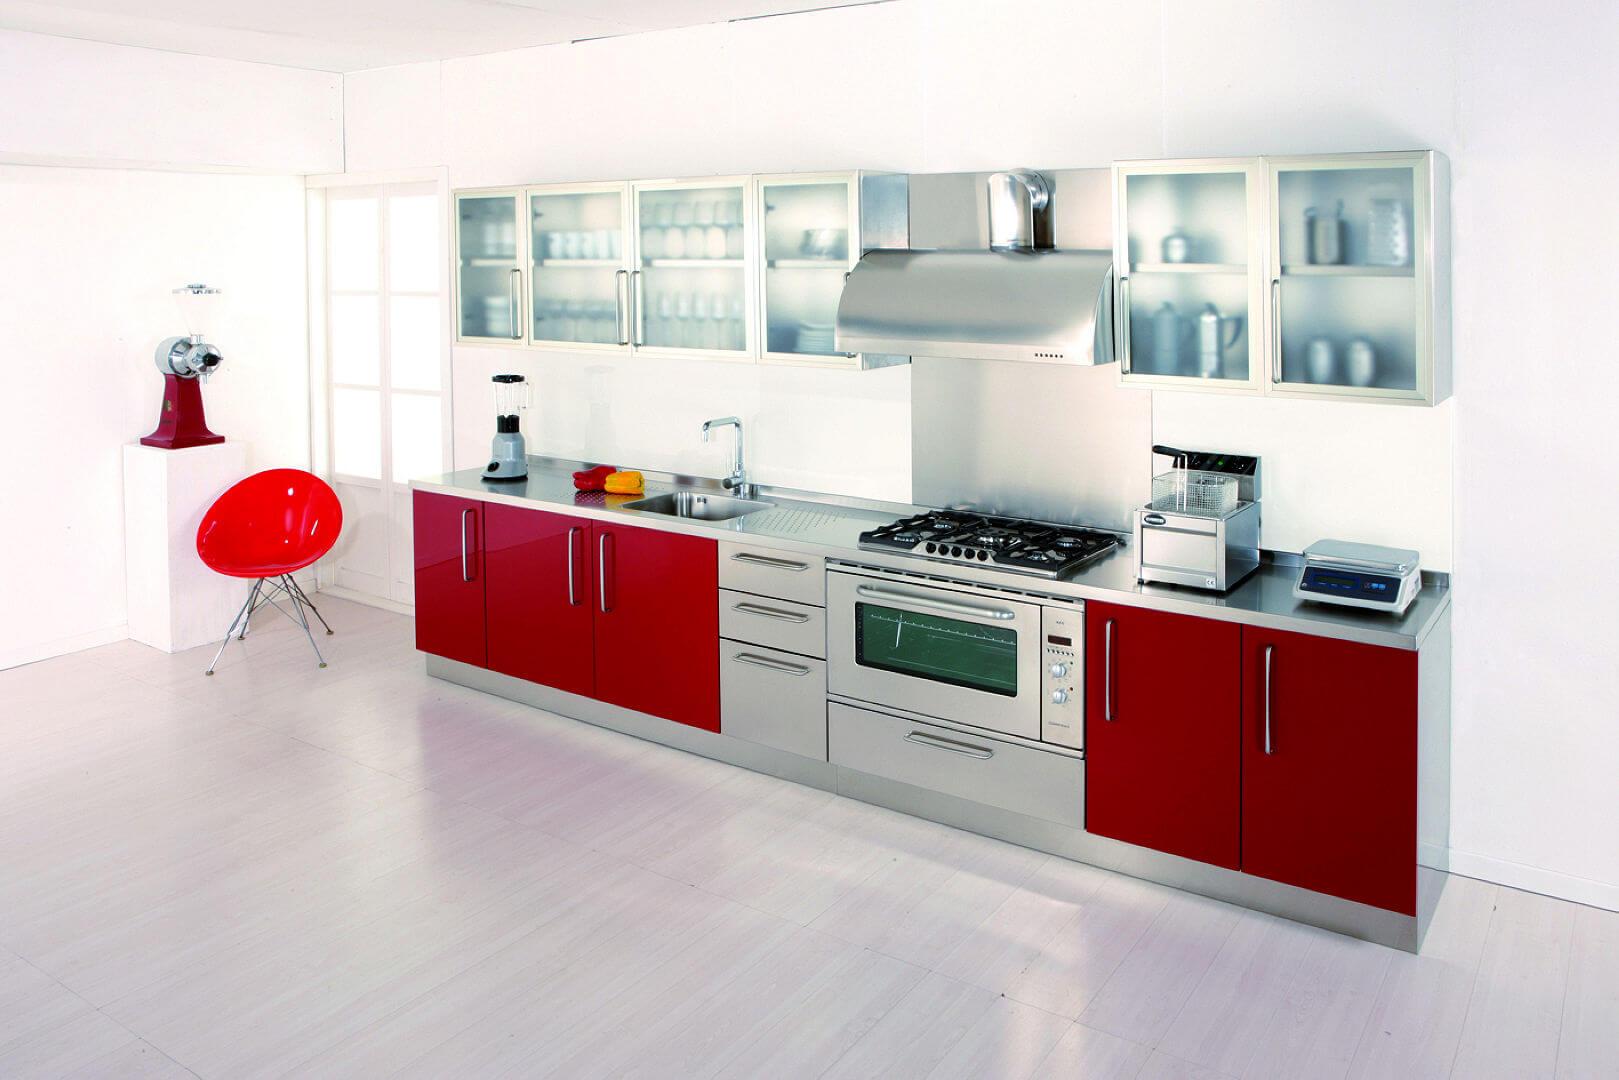 Gourmet - Arca Cucine Italia - Cucine in Acciaio Inox